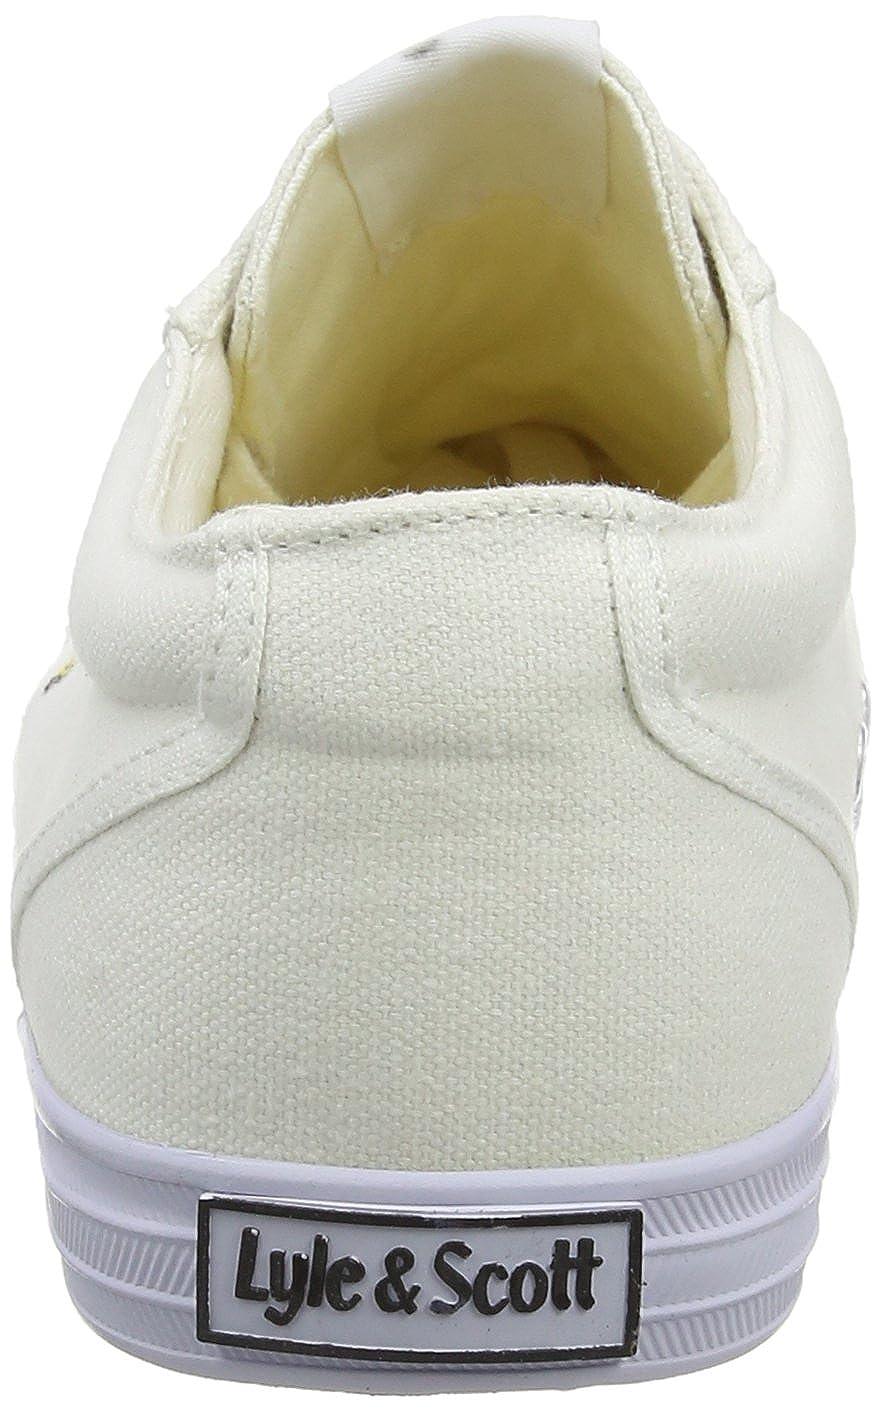 Lyle   Scott Men s Halket Canvas Low-Top Sneakers  Amazon.co.uk  Shoes    Bags 156e51953